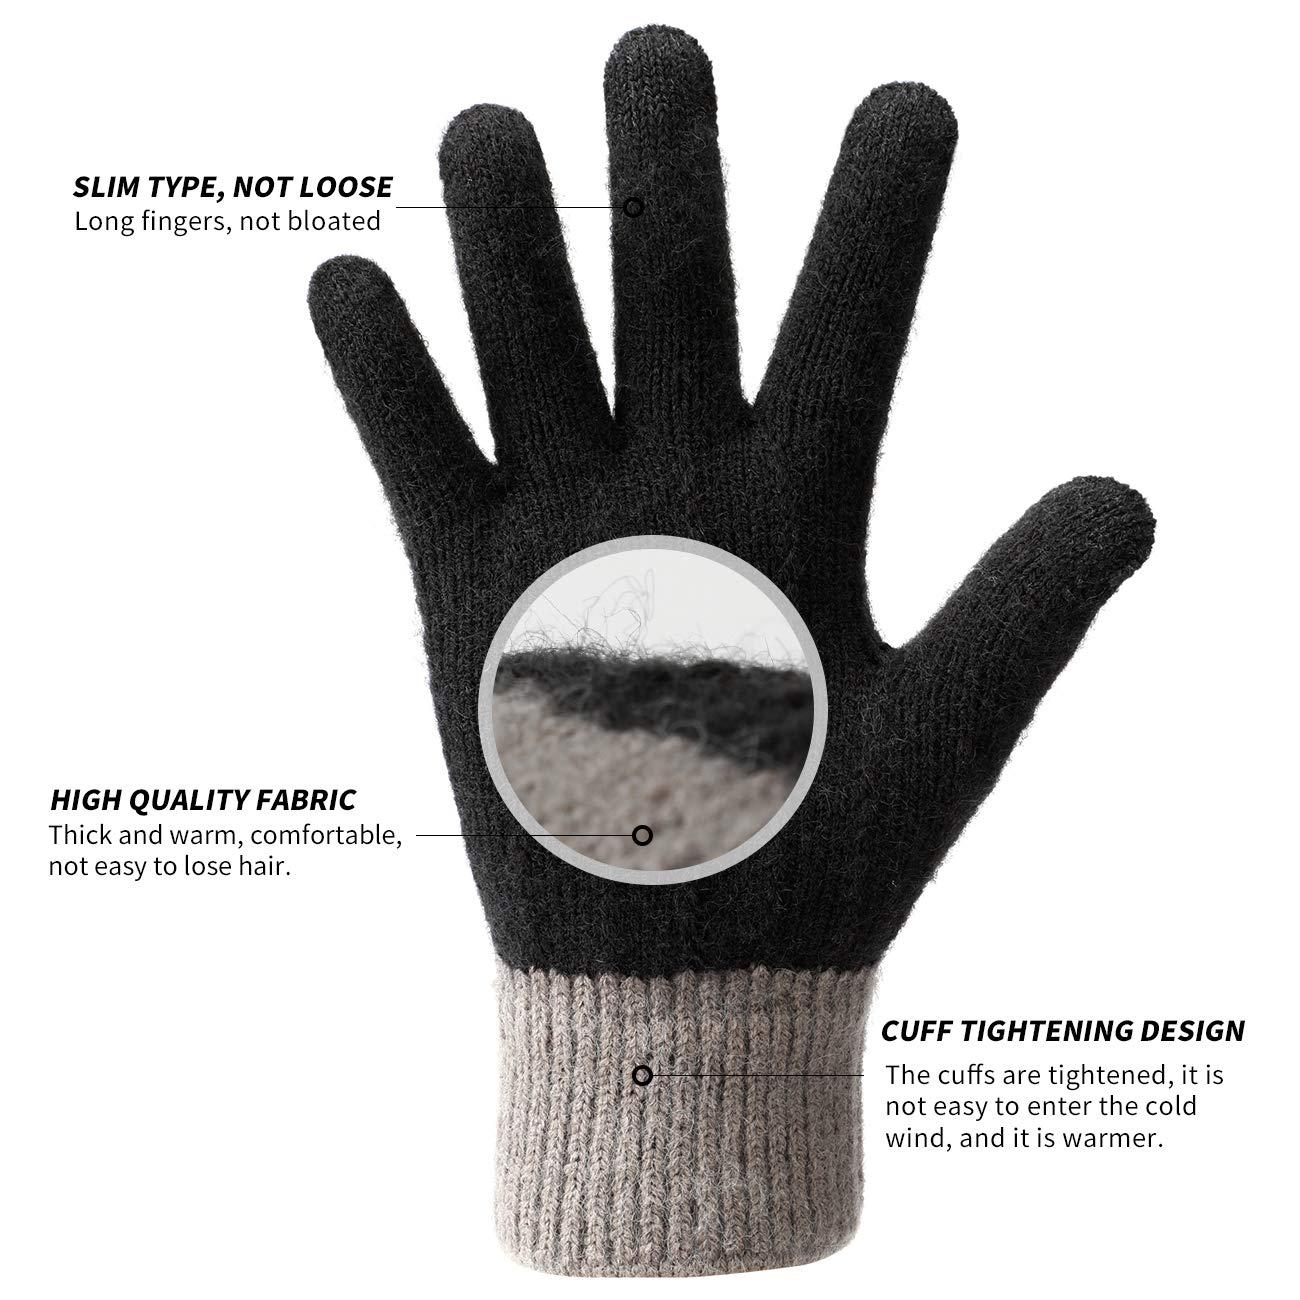 Geeinget f/ür Damen und Herren Winterhandschuhe Touchscreen Handschuhe Strick Fingerhandschuhe Sport Warm und Winddicht Winterhandschuhe f/ür Skifahren Radfahren und SMS